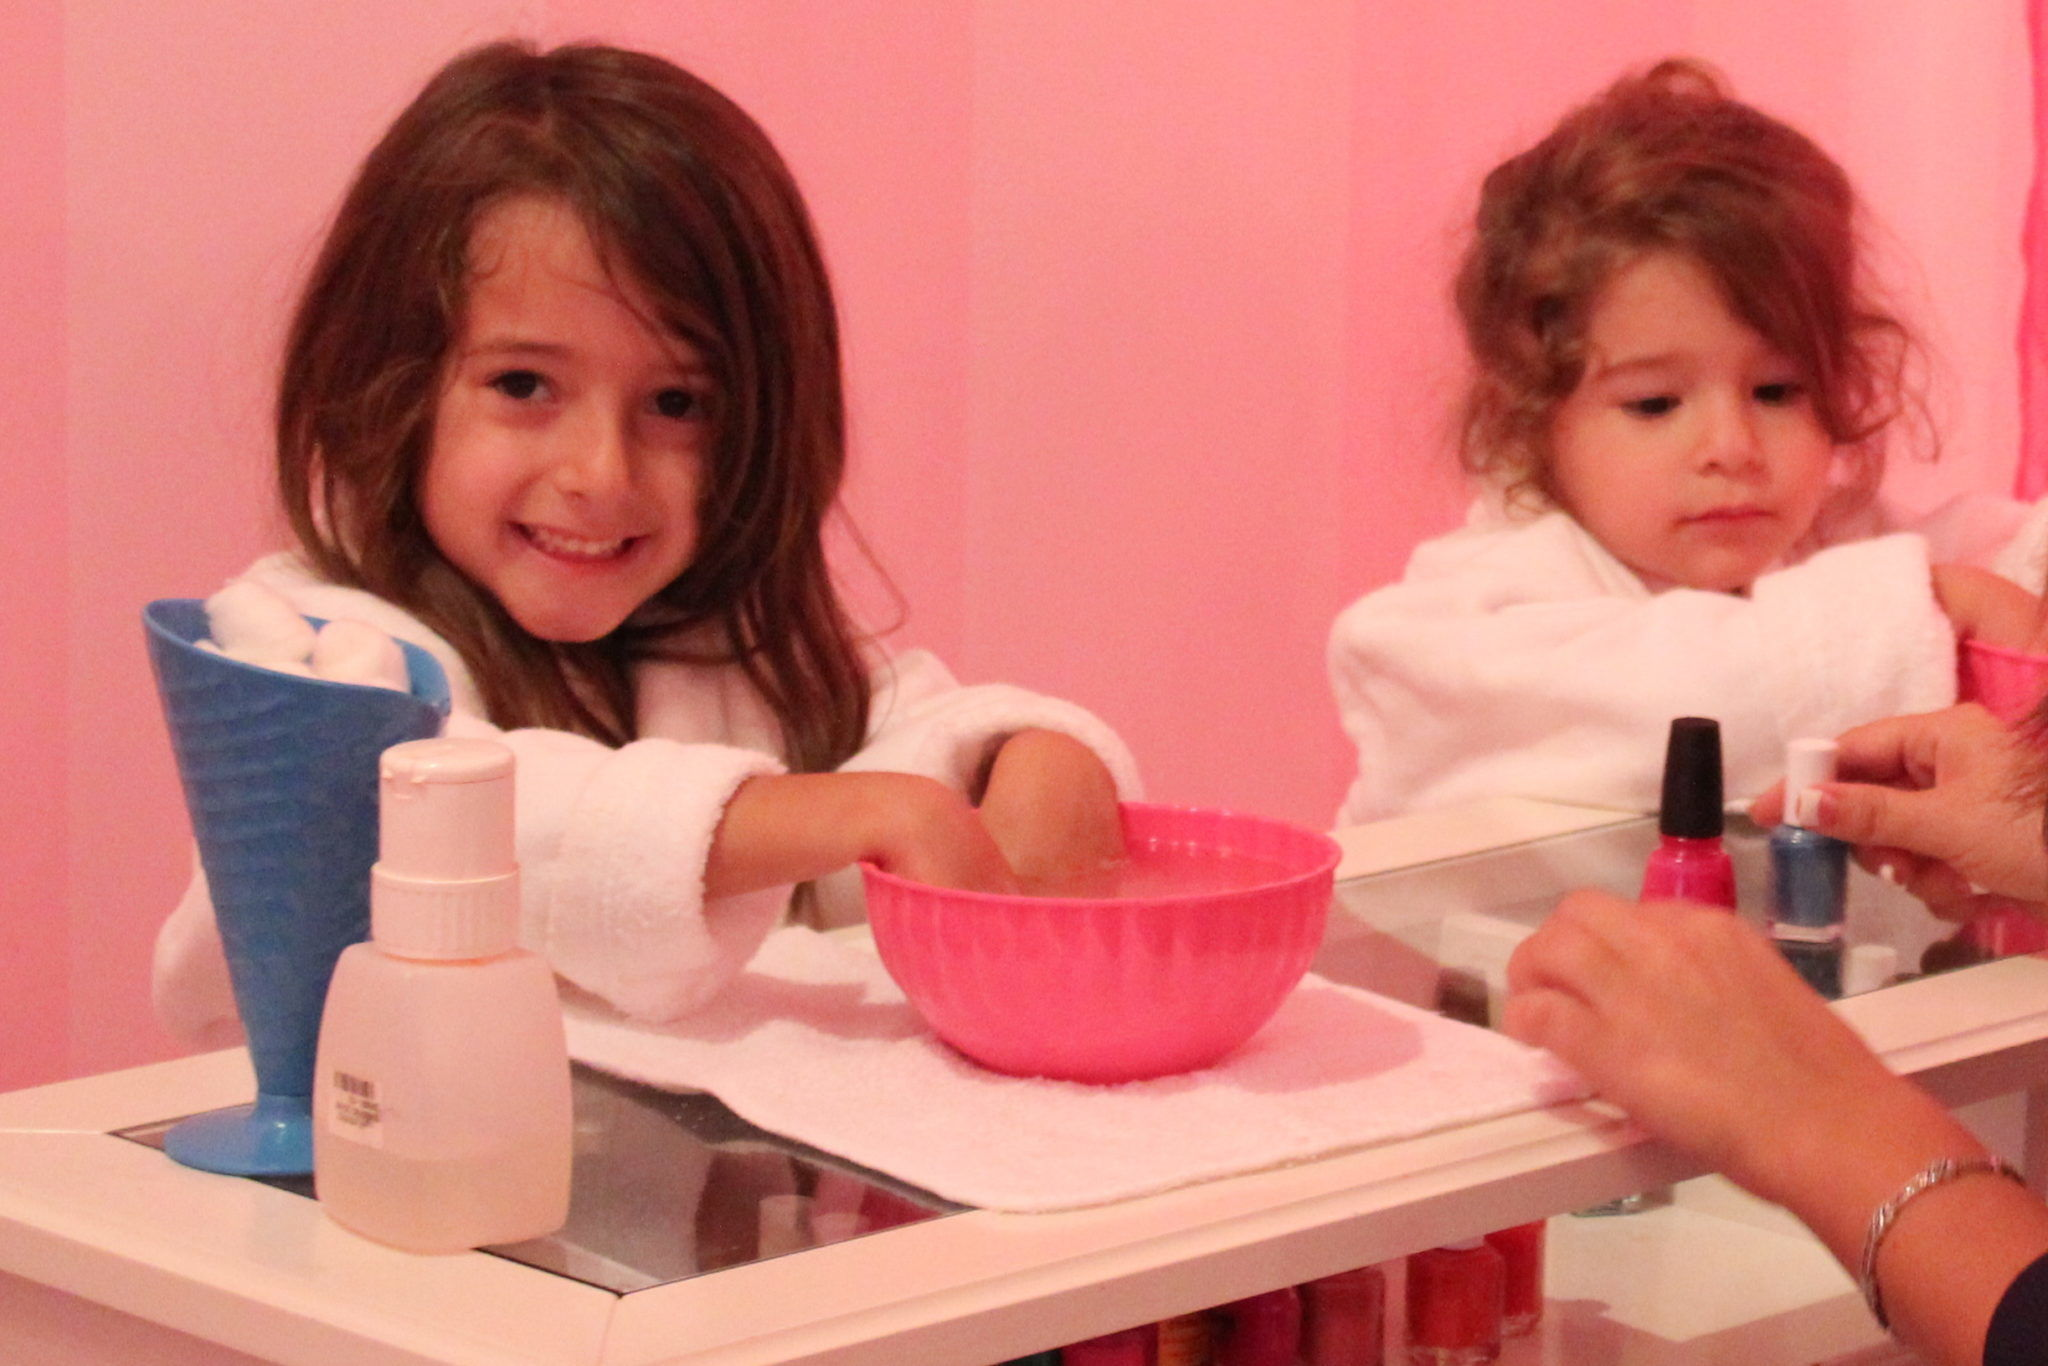 Kids Salon Services Menu - Children Salon, Kids Birthday Party and ...